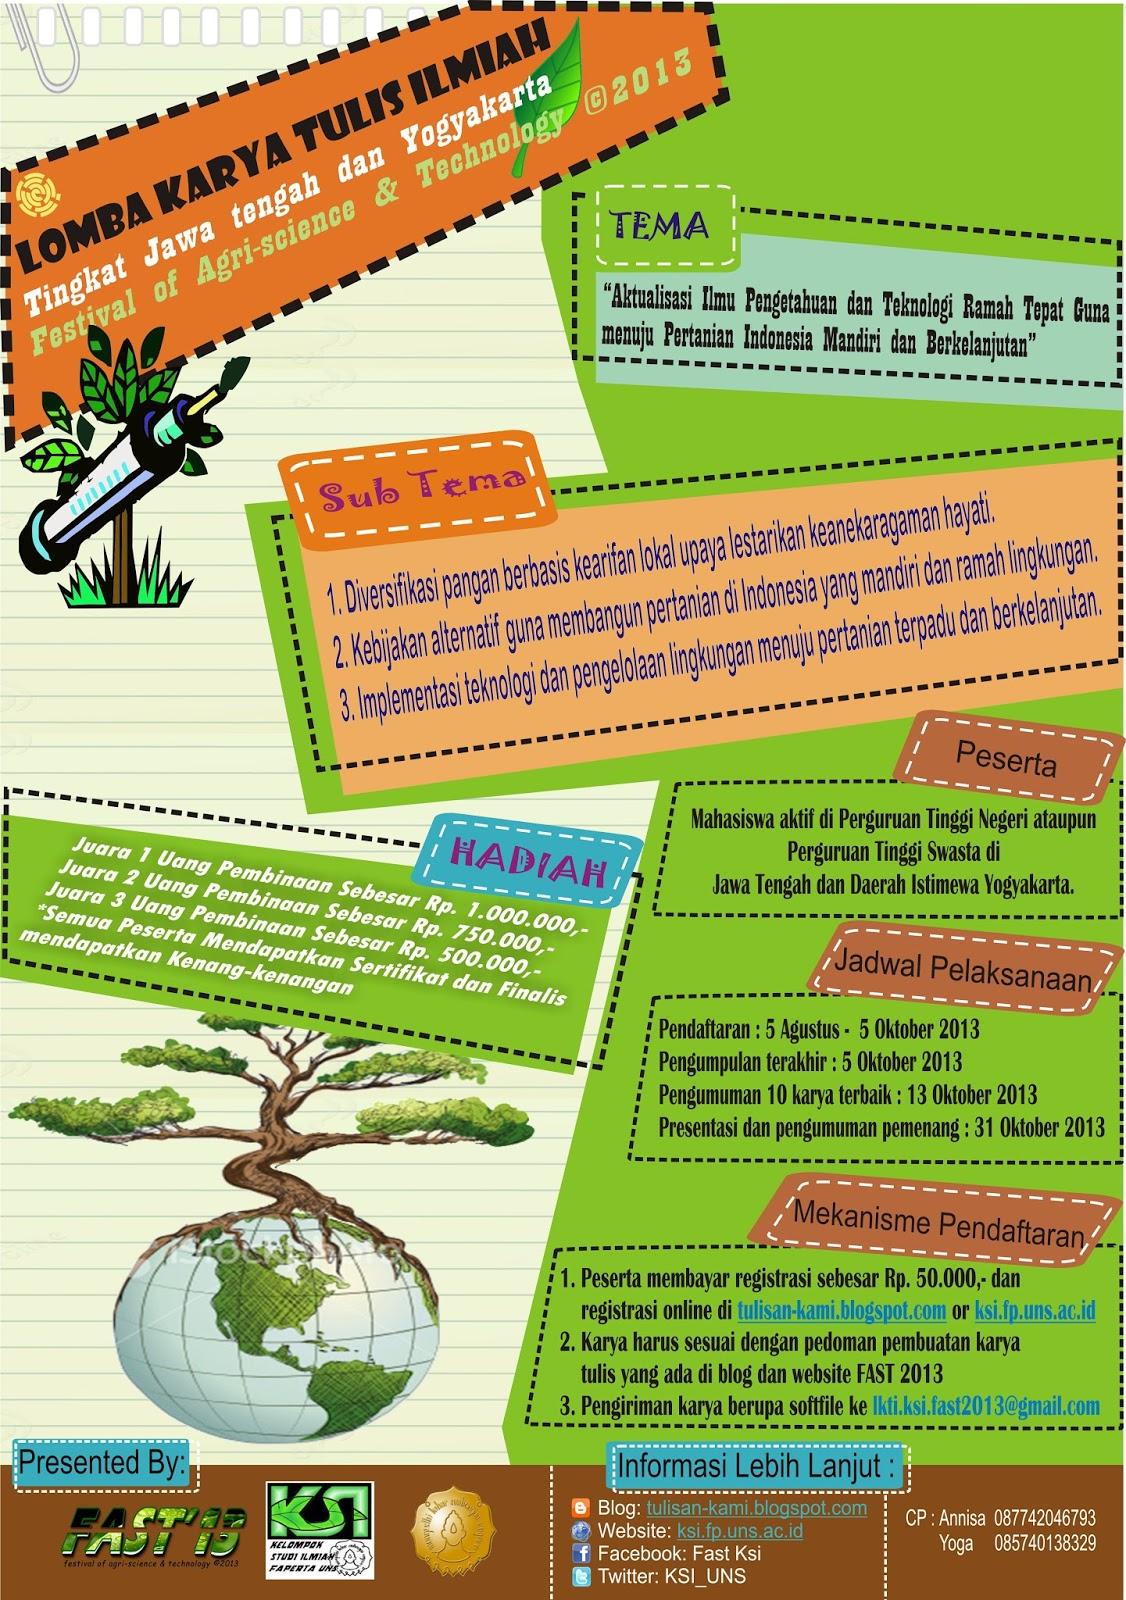 Daftar Perguruan Tinggi Swasta Di Daerah Istimewa Yogyakarta